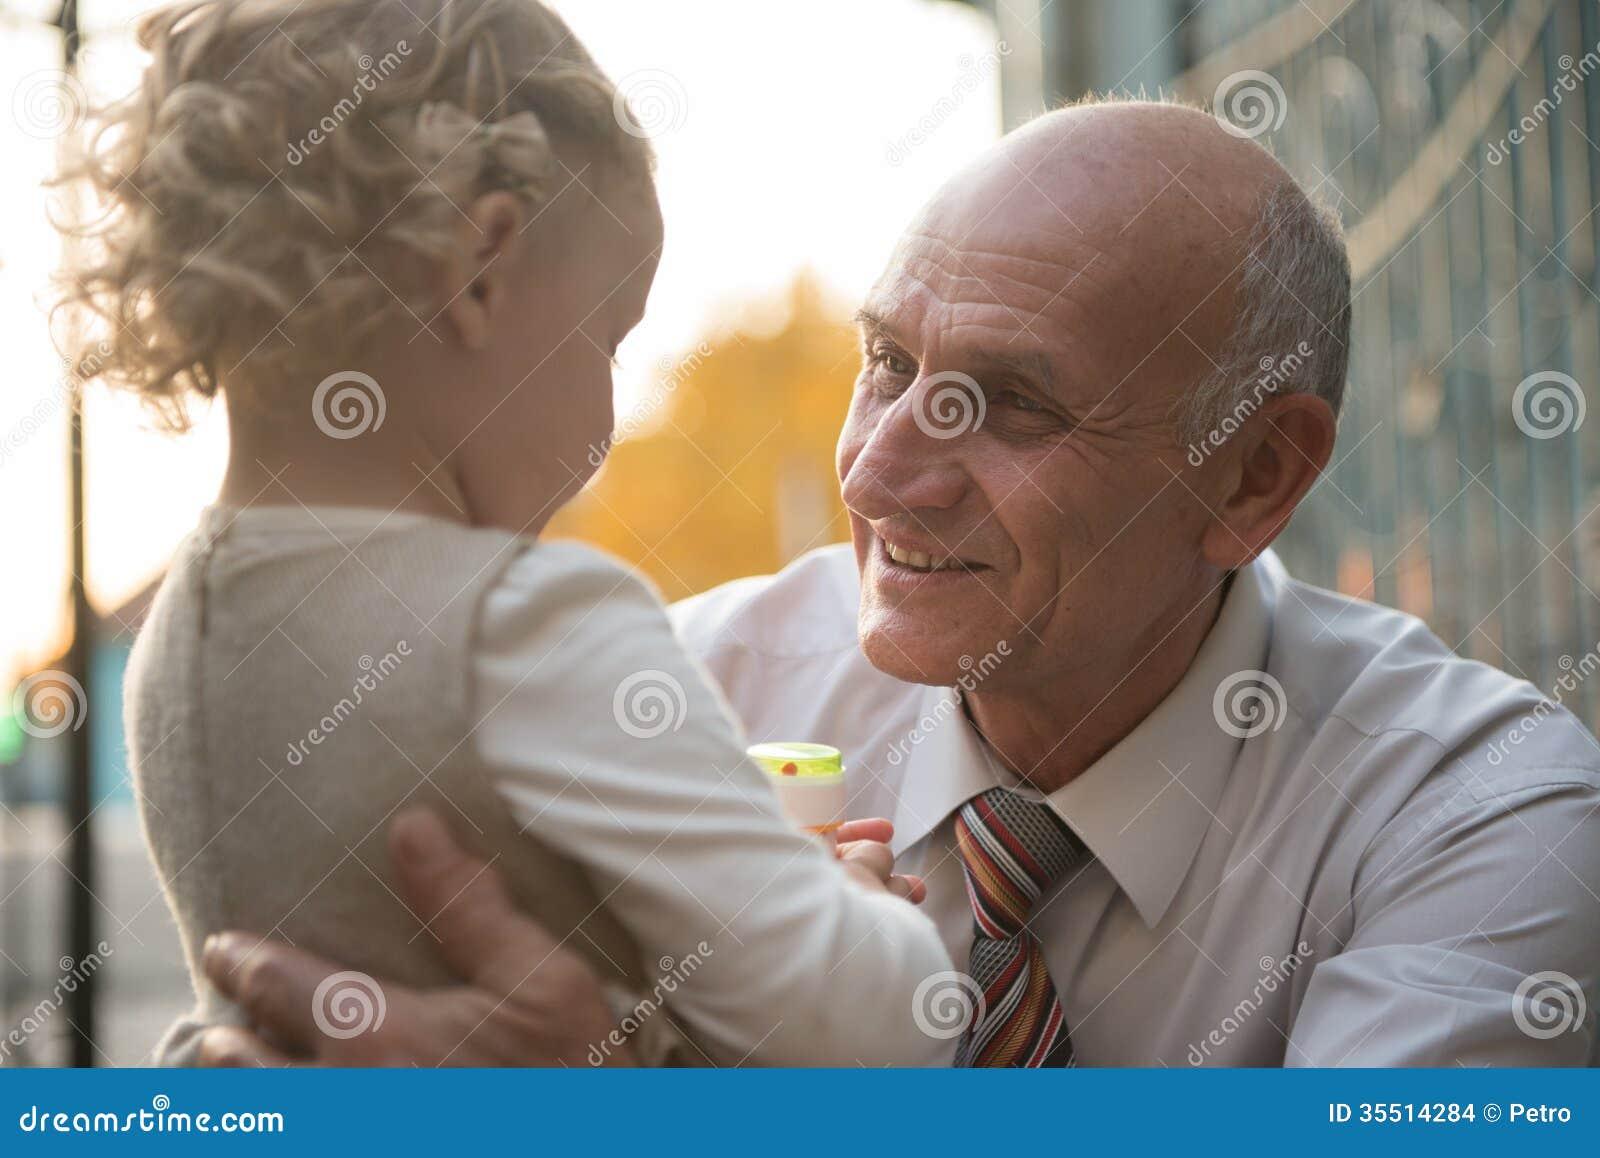 Смотреть дедушка с внучкой 1 фотография